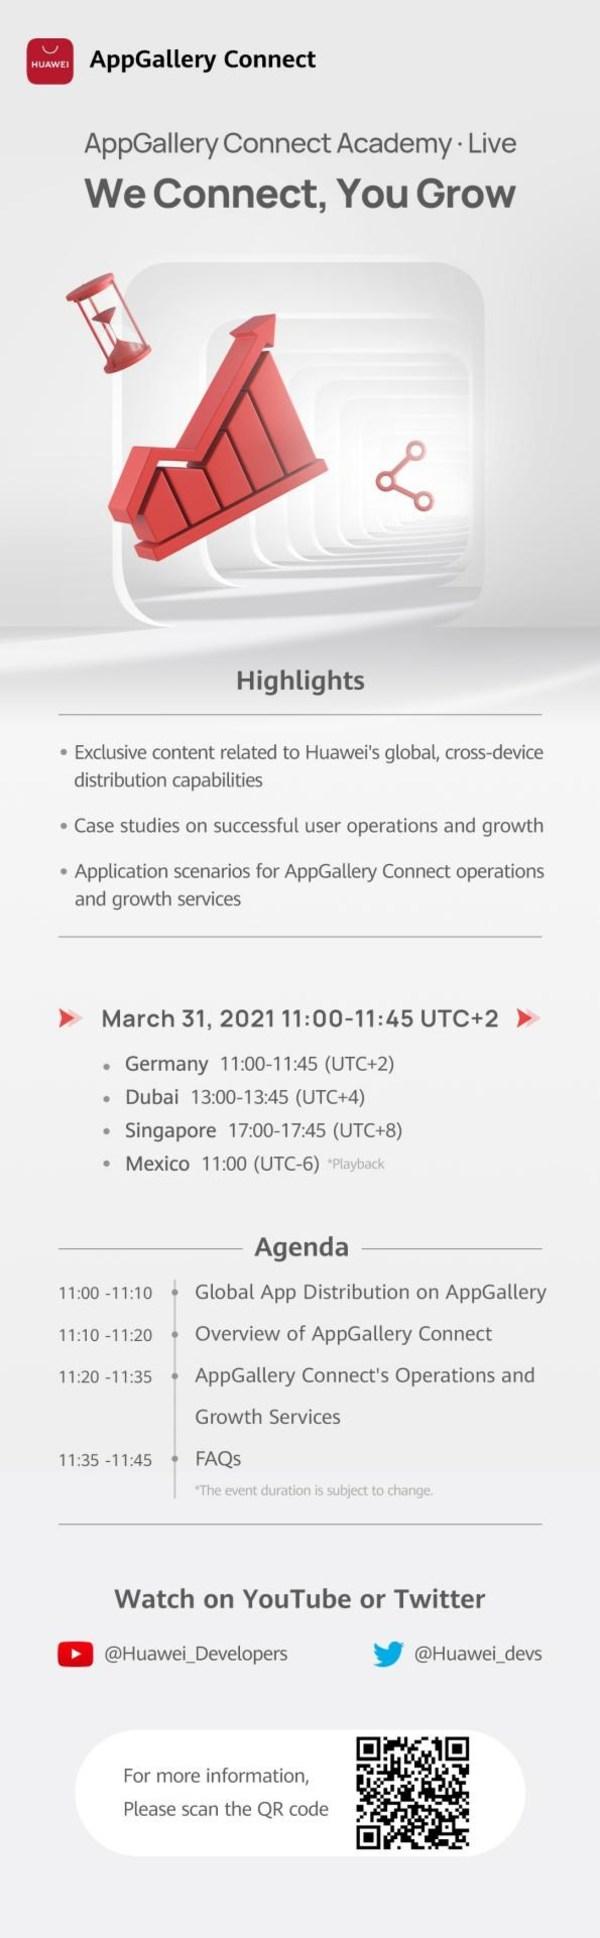 HUAWEI AppGallery Connect Academy:実用的な知見を提供し、アプリ開発者がビジネスを新しいレベルに成長させる力を与えるライブイベント